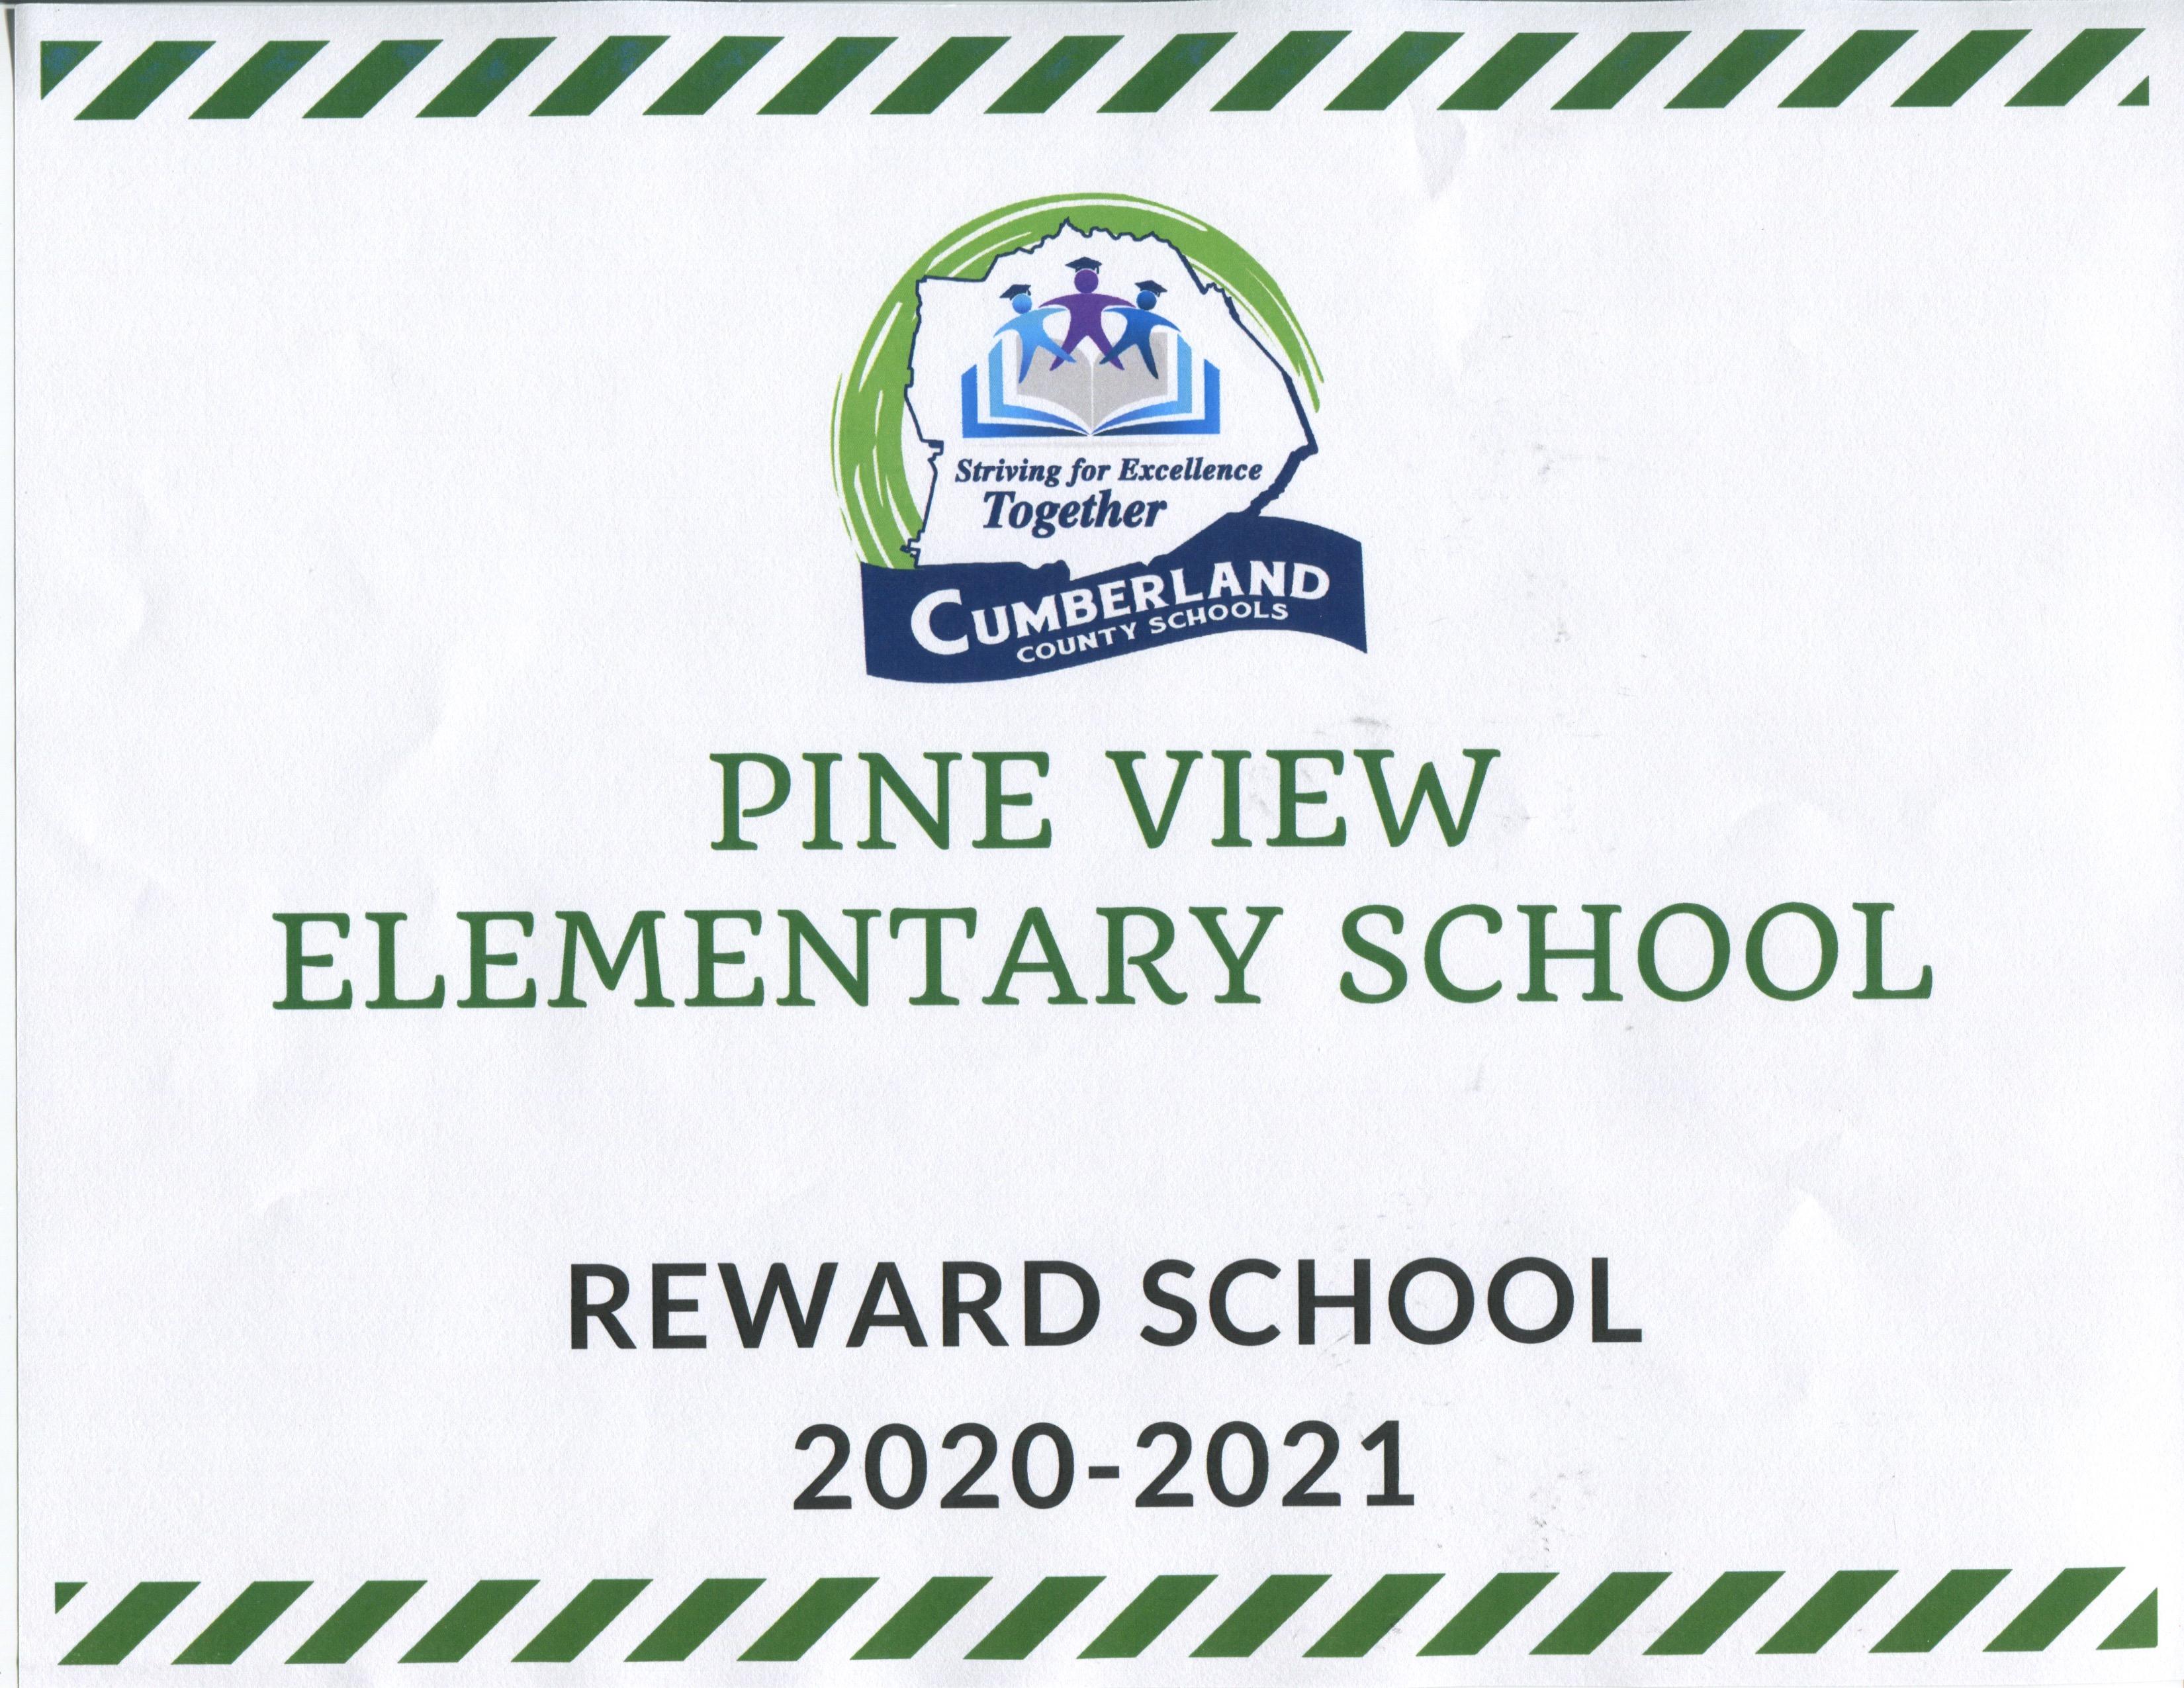 Pine View Elementary Reward School